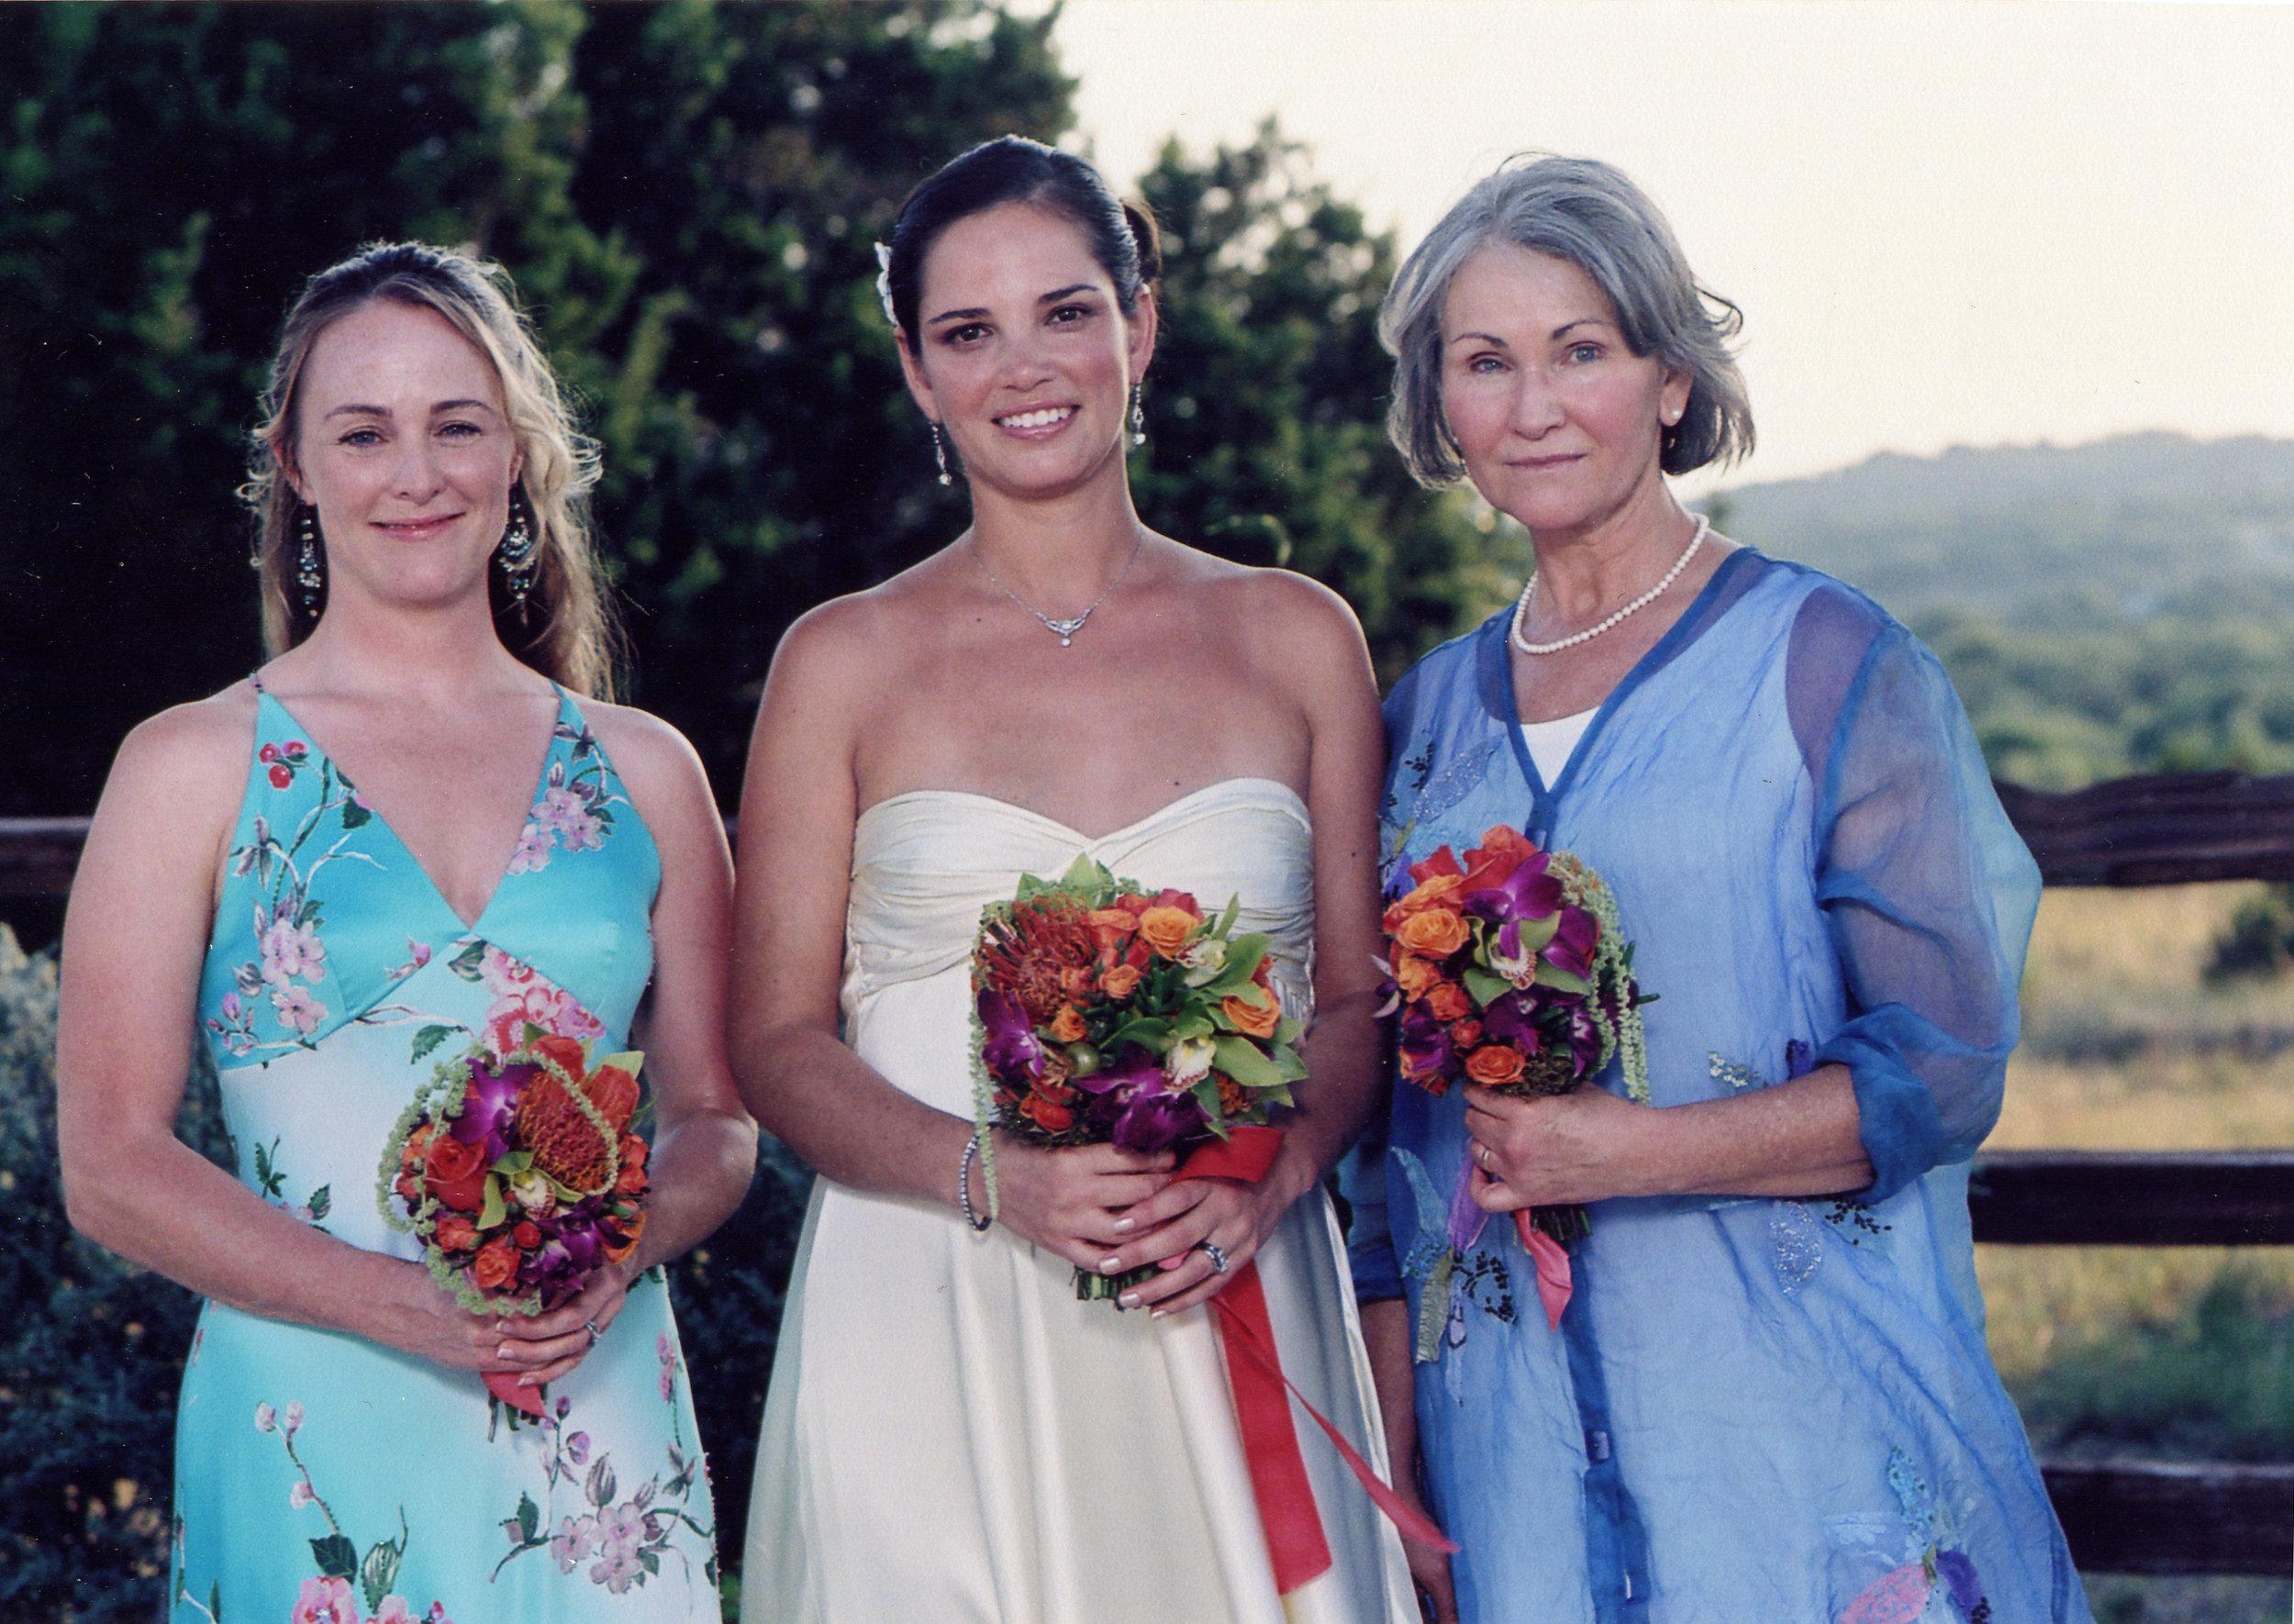 celeste_wedding.jpg